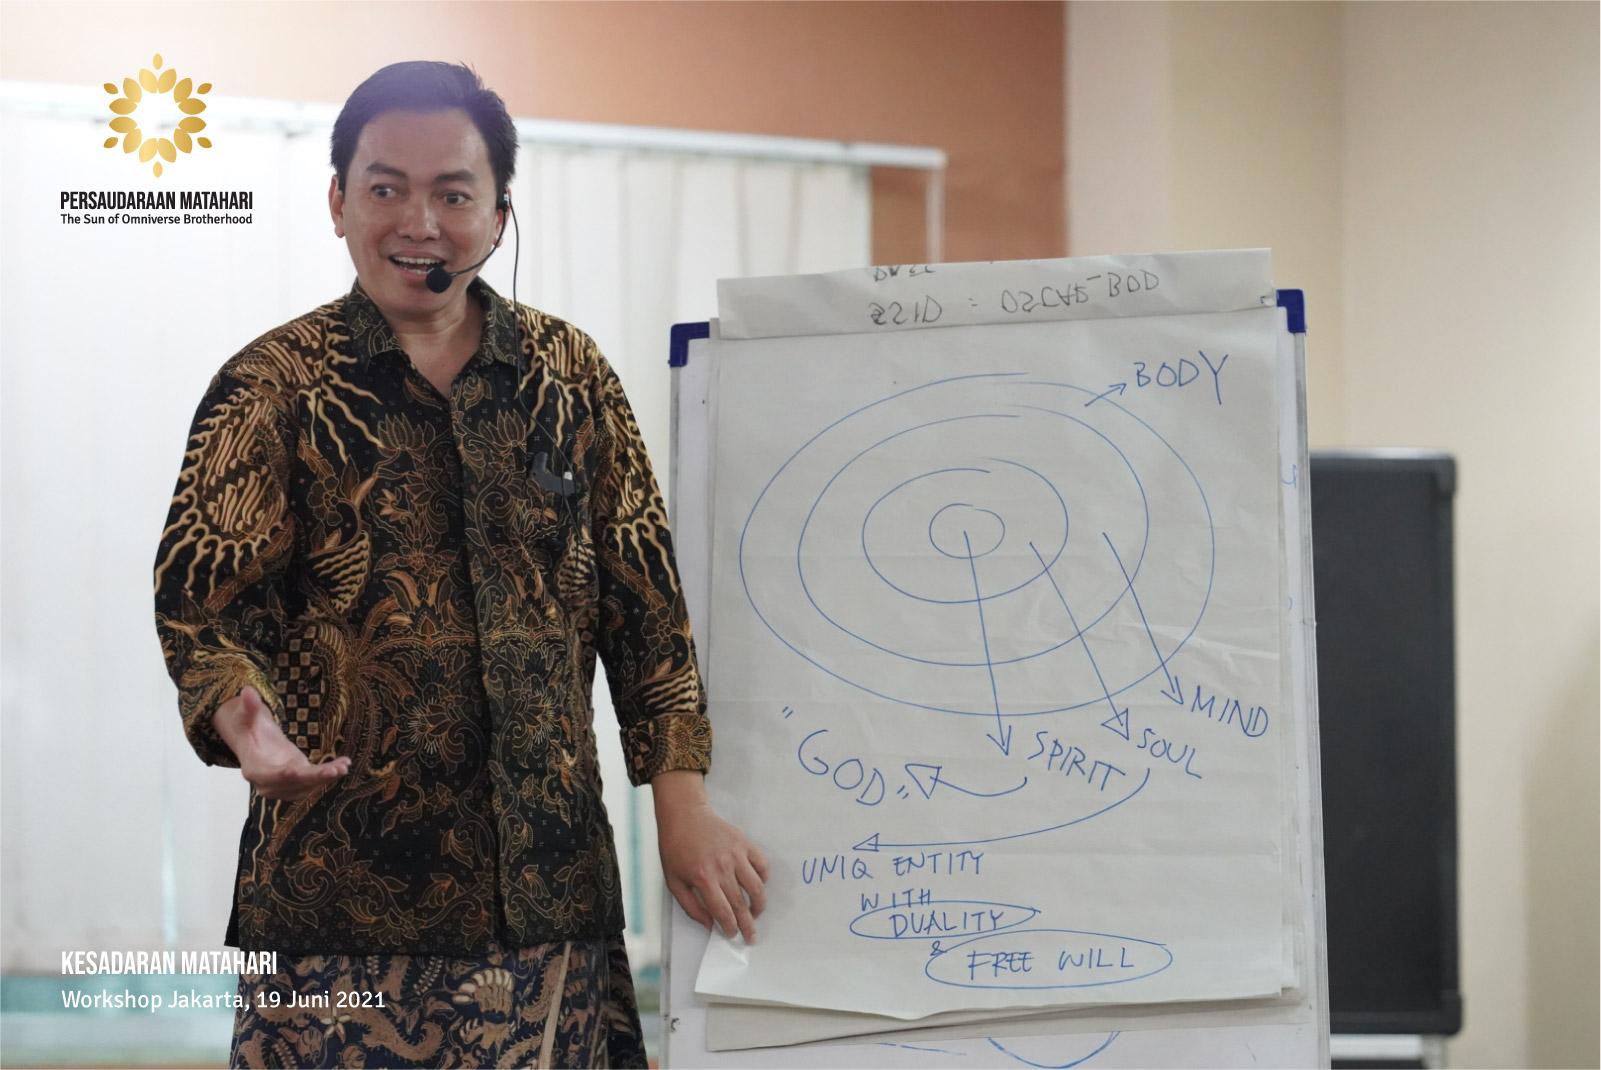 Workshop Bandung 20 Juni 2021: Kesadaran Matahari